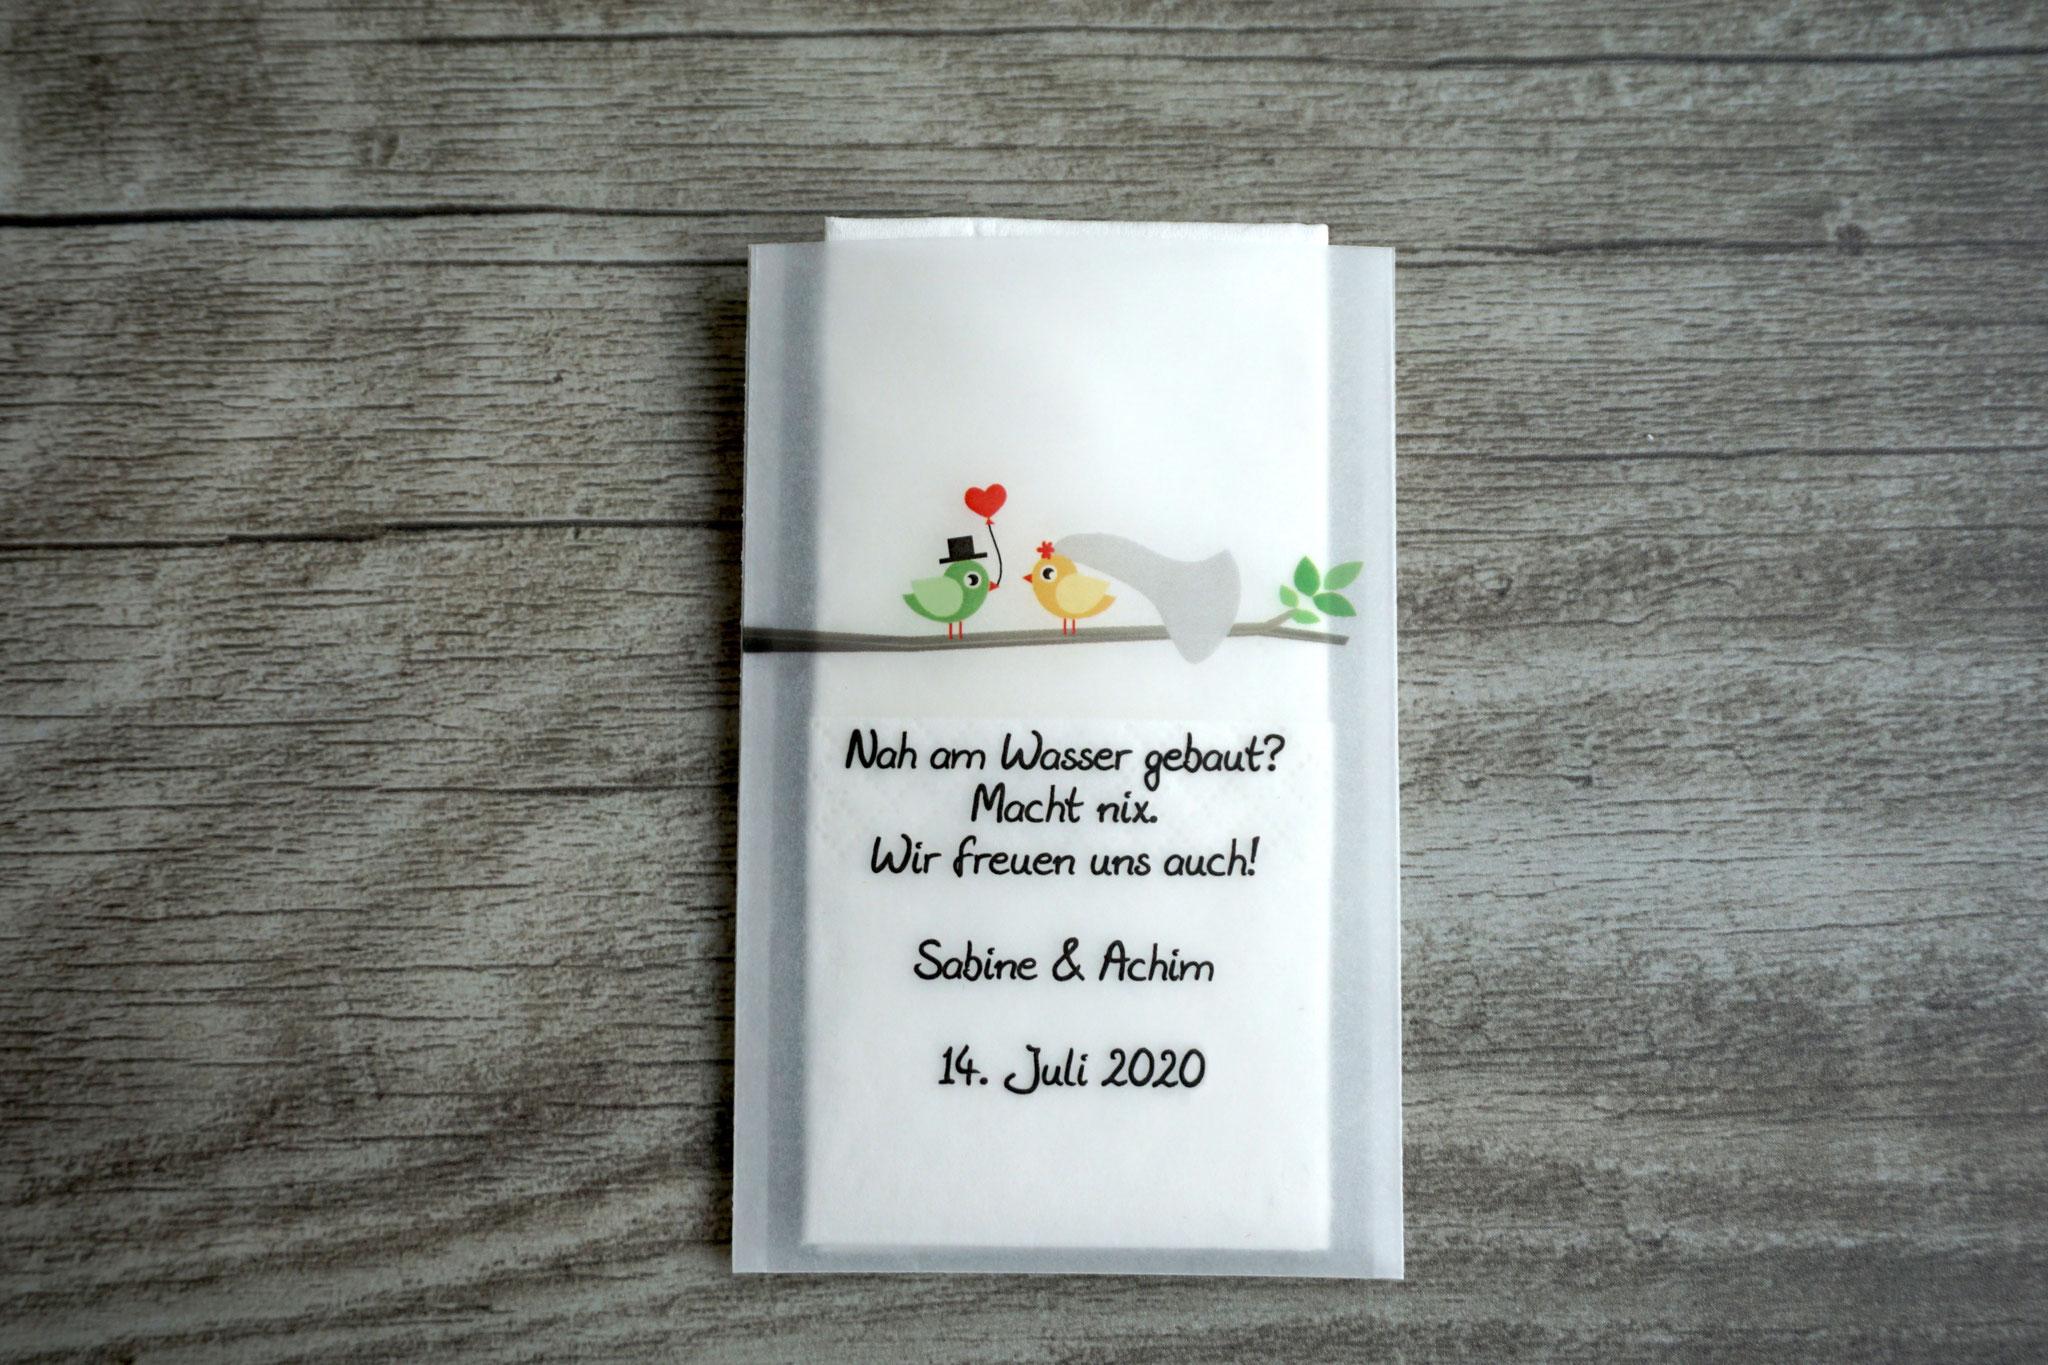 Freudentränen Taschentücher Design Hochzeitsvögel auf Ast, Farbe Gelb/Grün